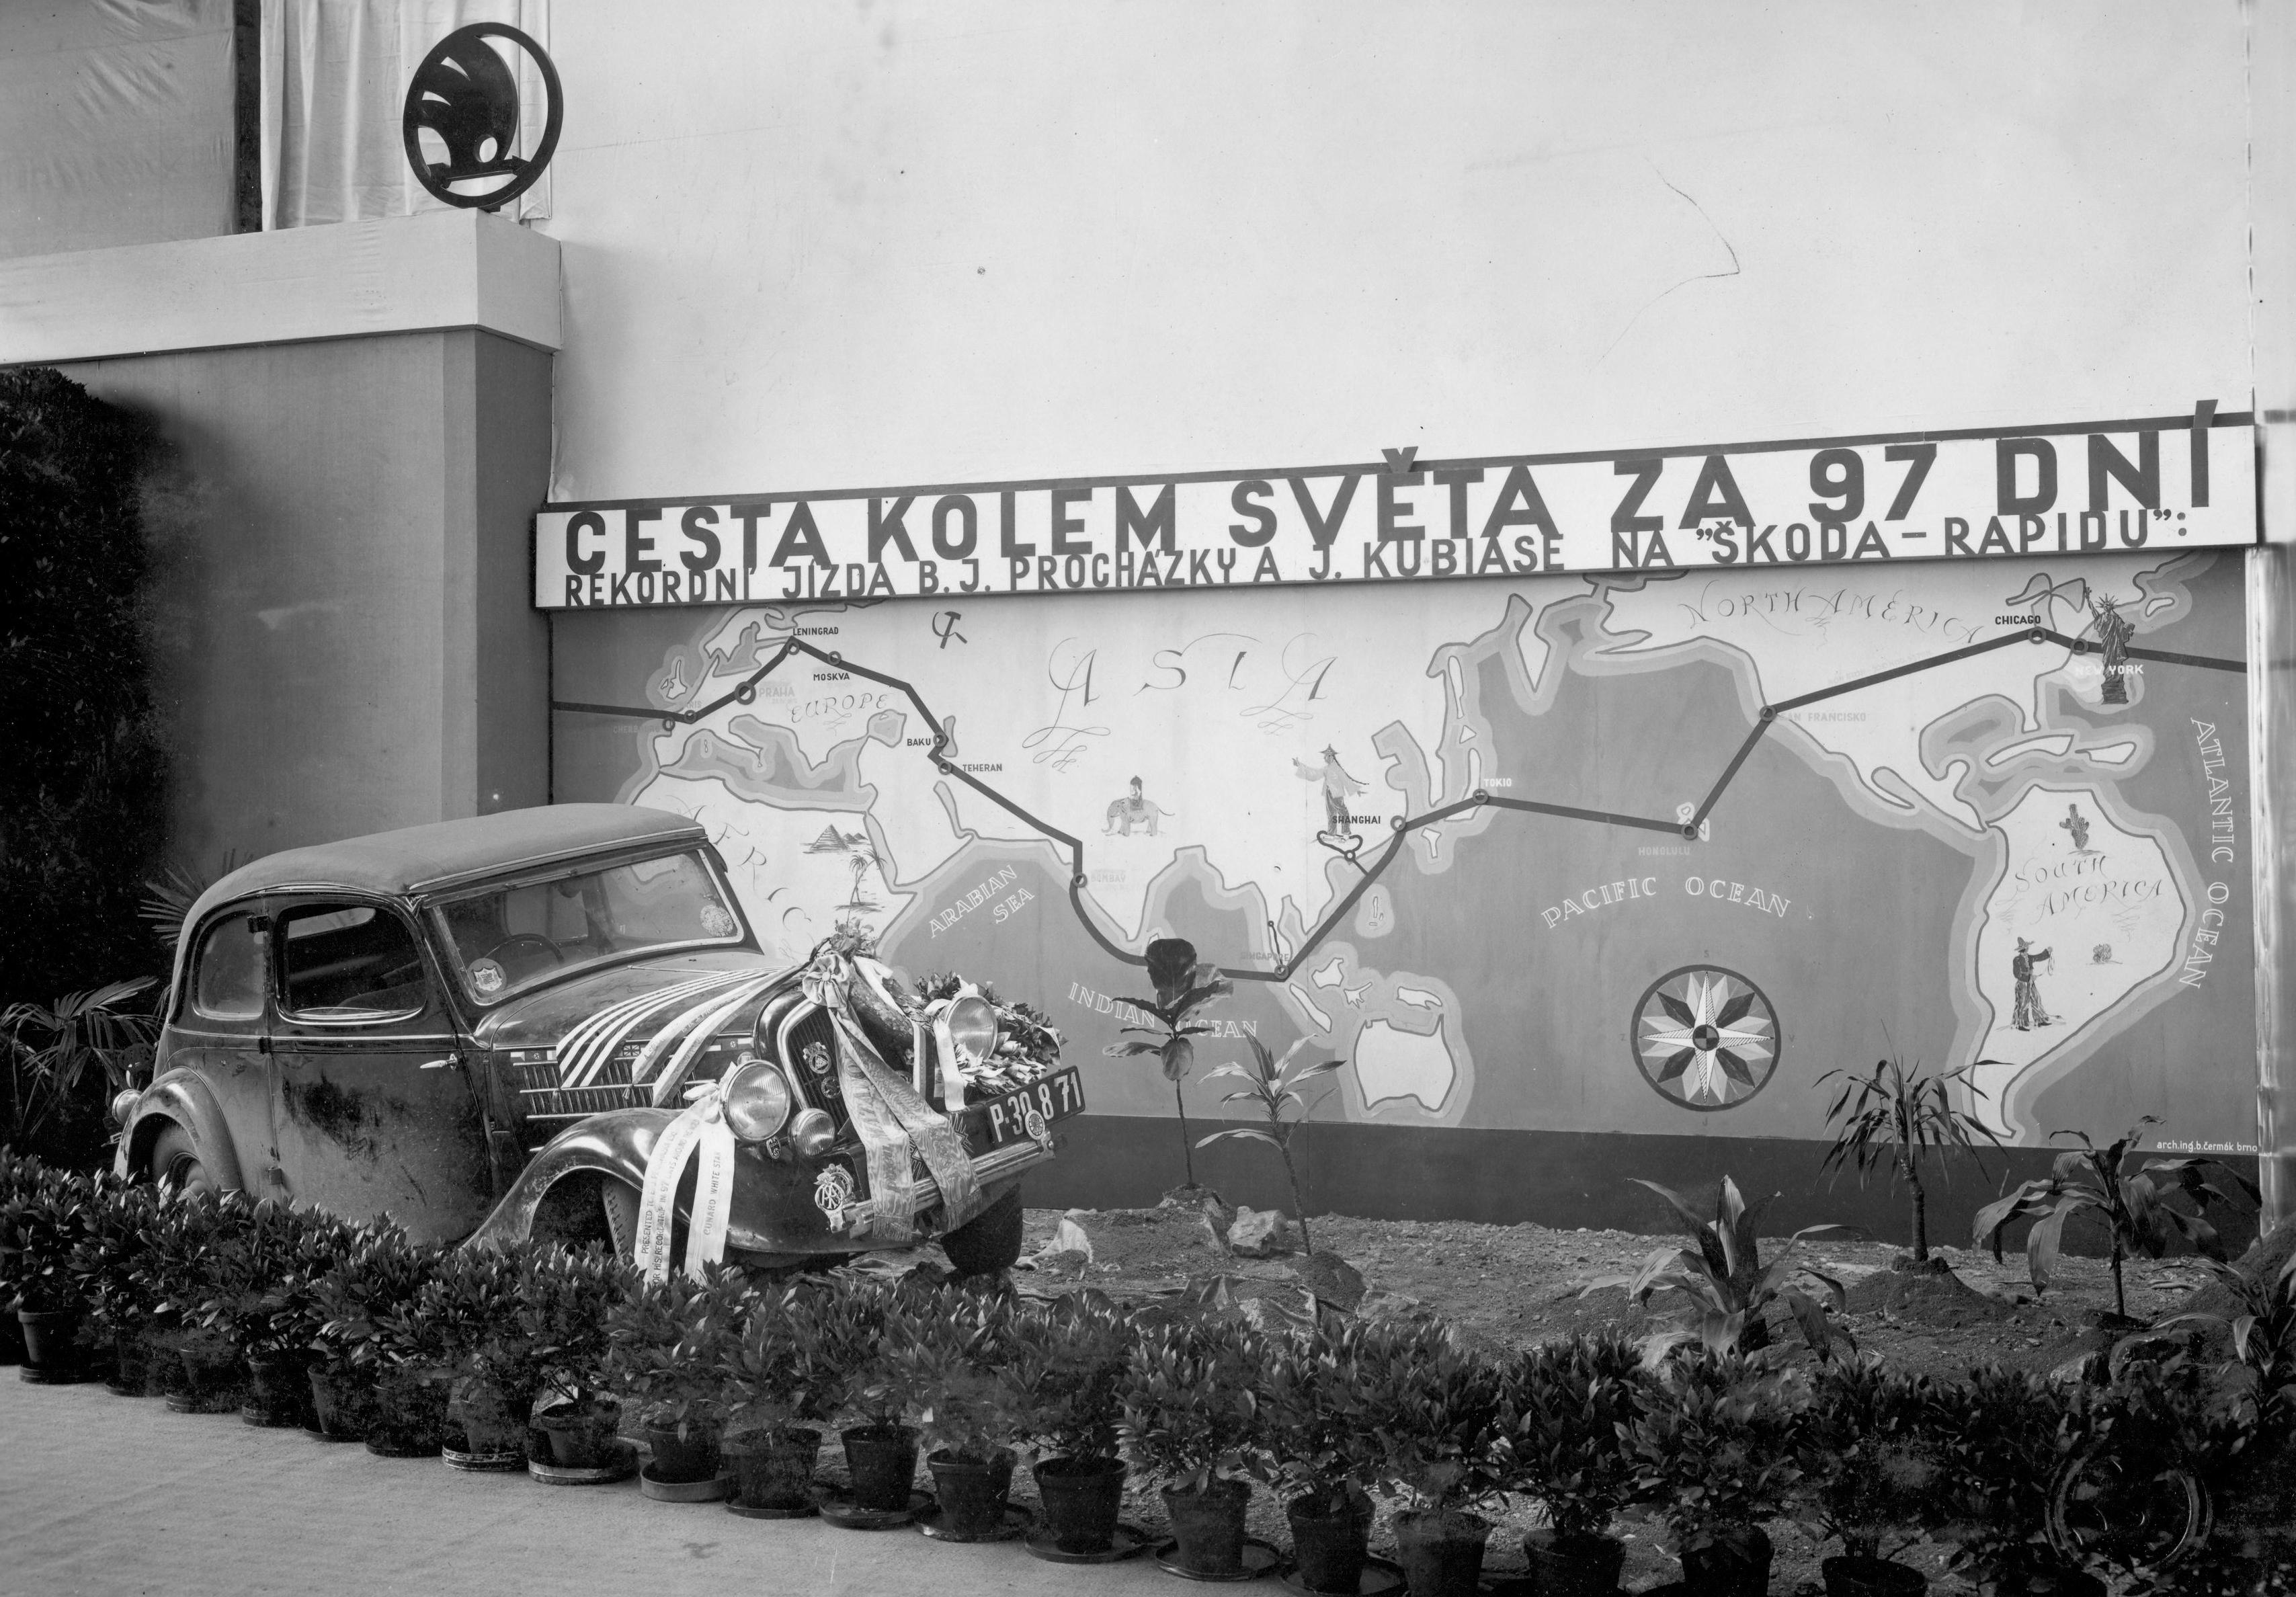 1936_Kolem_sveta_02